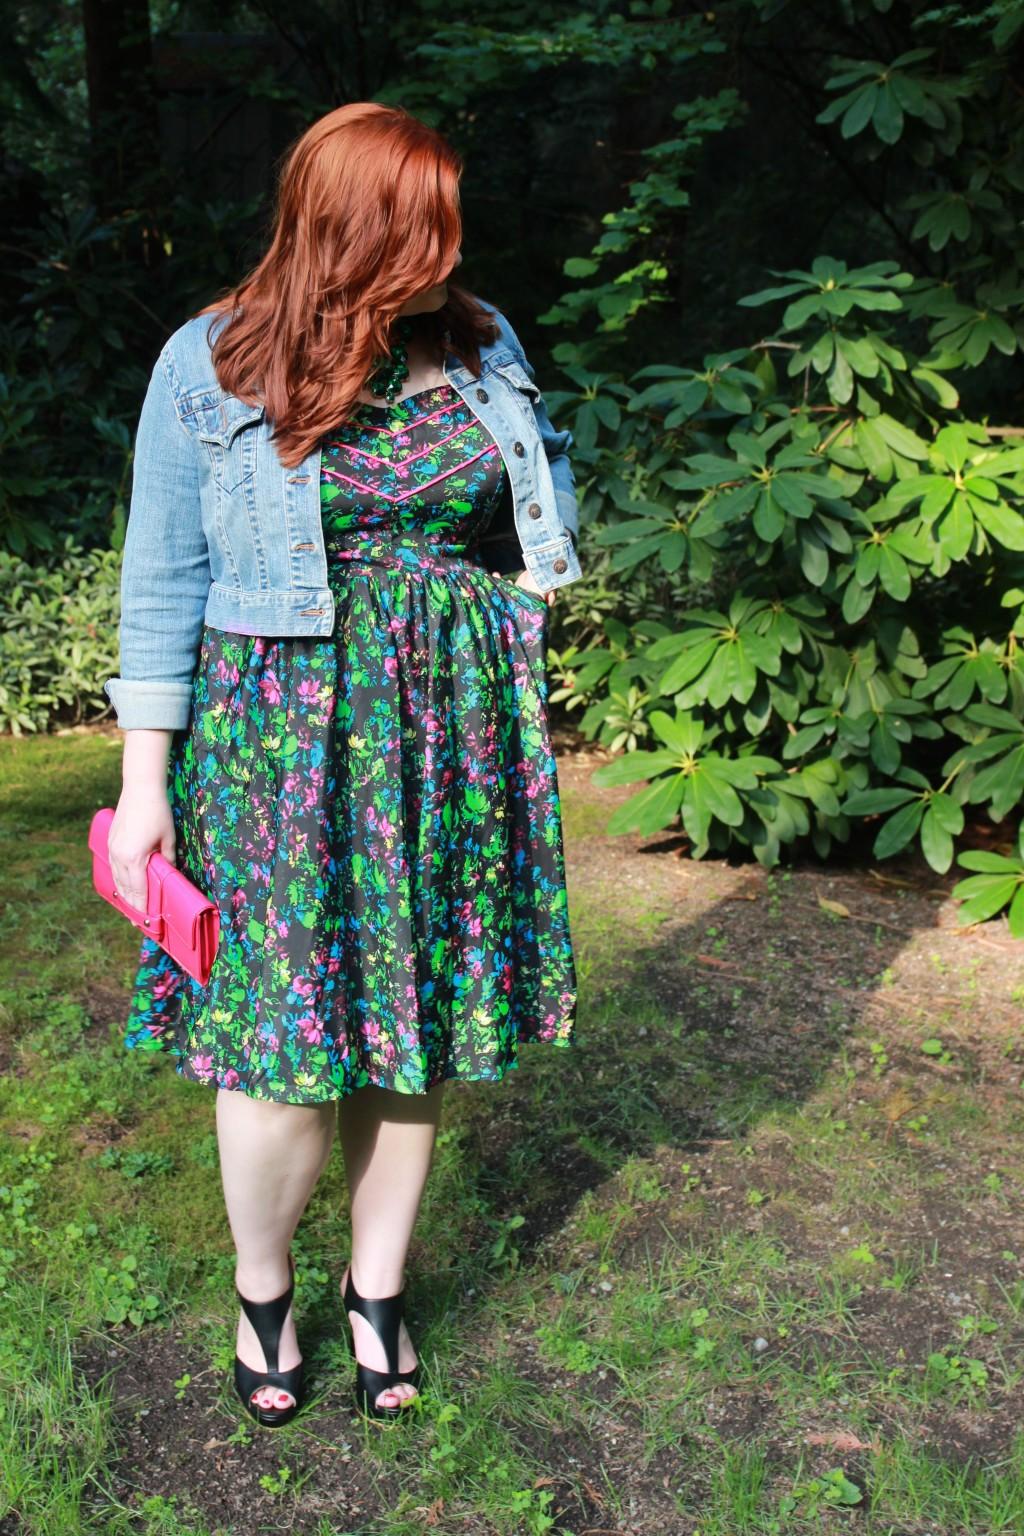 Feminine Style Plus Size Fashion Blogger